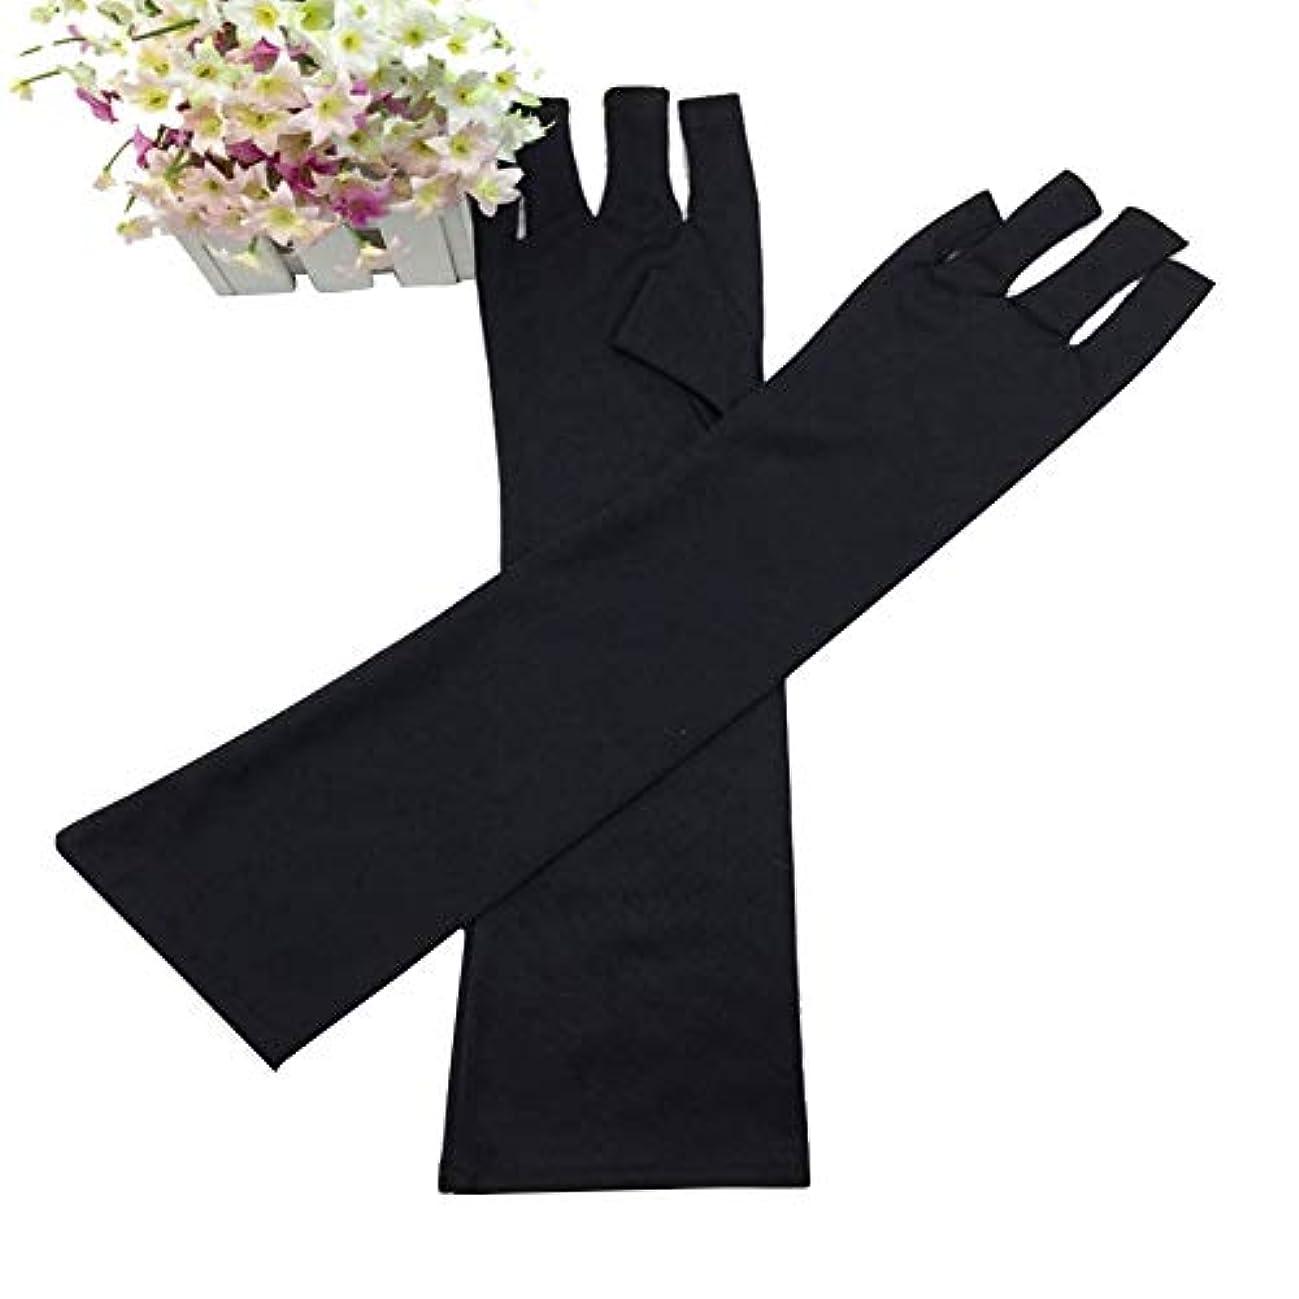 二週間行方不明妥協slQinjiansavネイルアート&ツール手袋UV光ランプ放射線保護手袋ハンドレストマニキュアネイルアートツール - ブラック